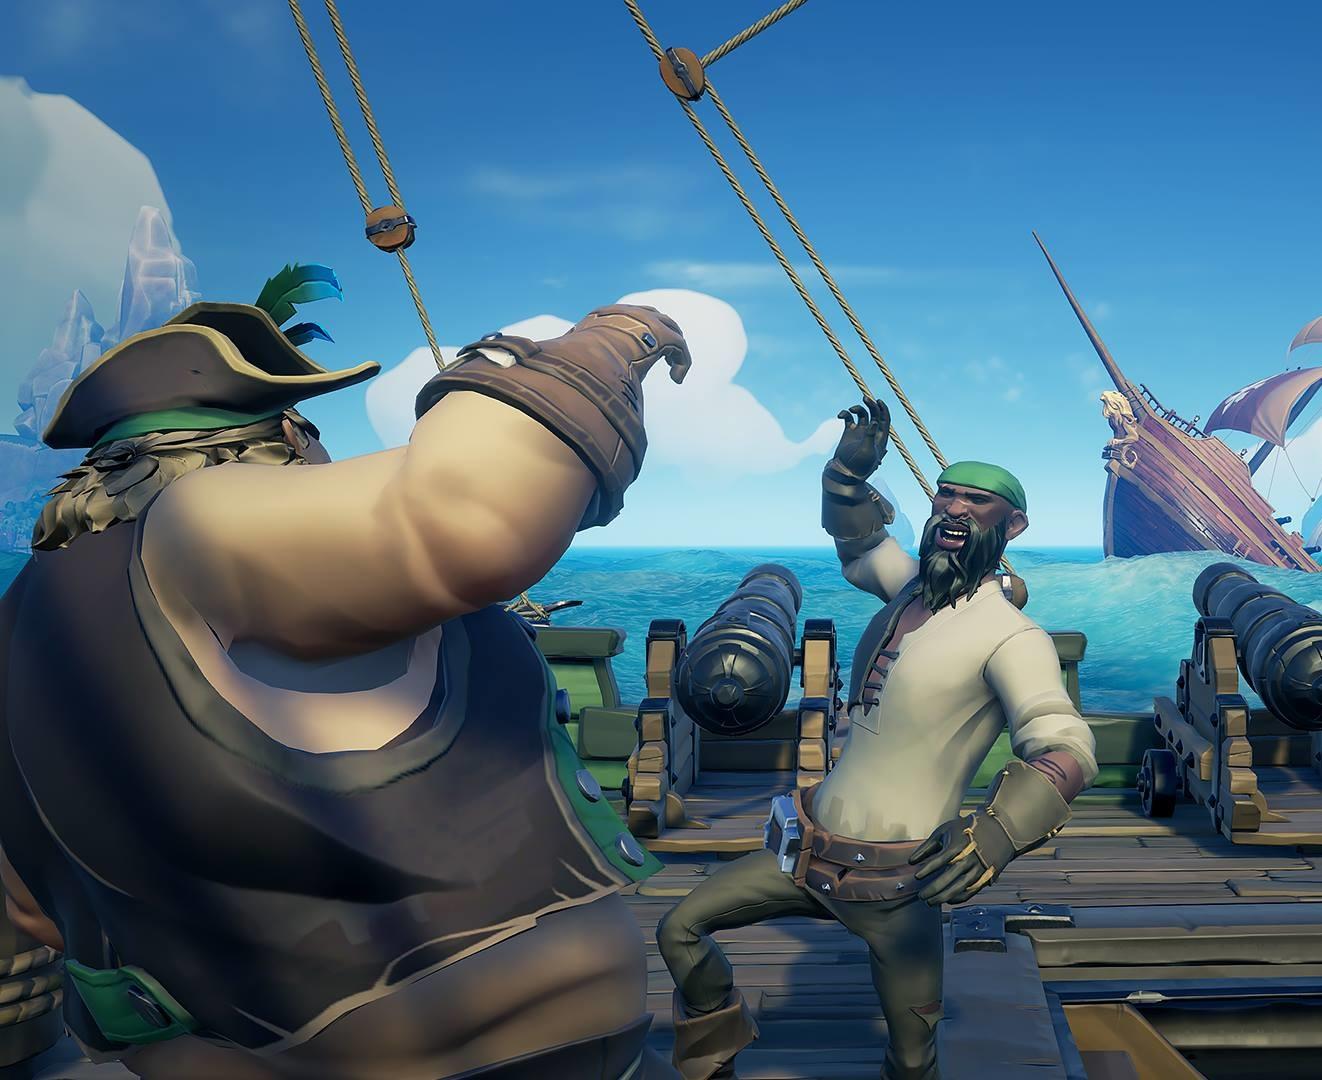 Йо-хо-хо! Стример Sea of Thieves обошел Ninja по количеству платных подписок